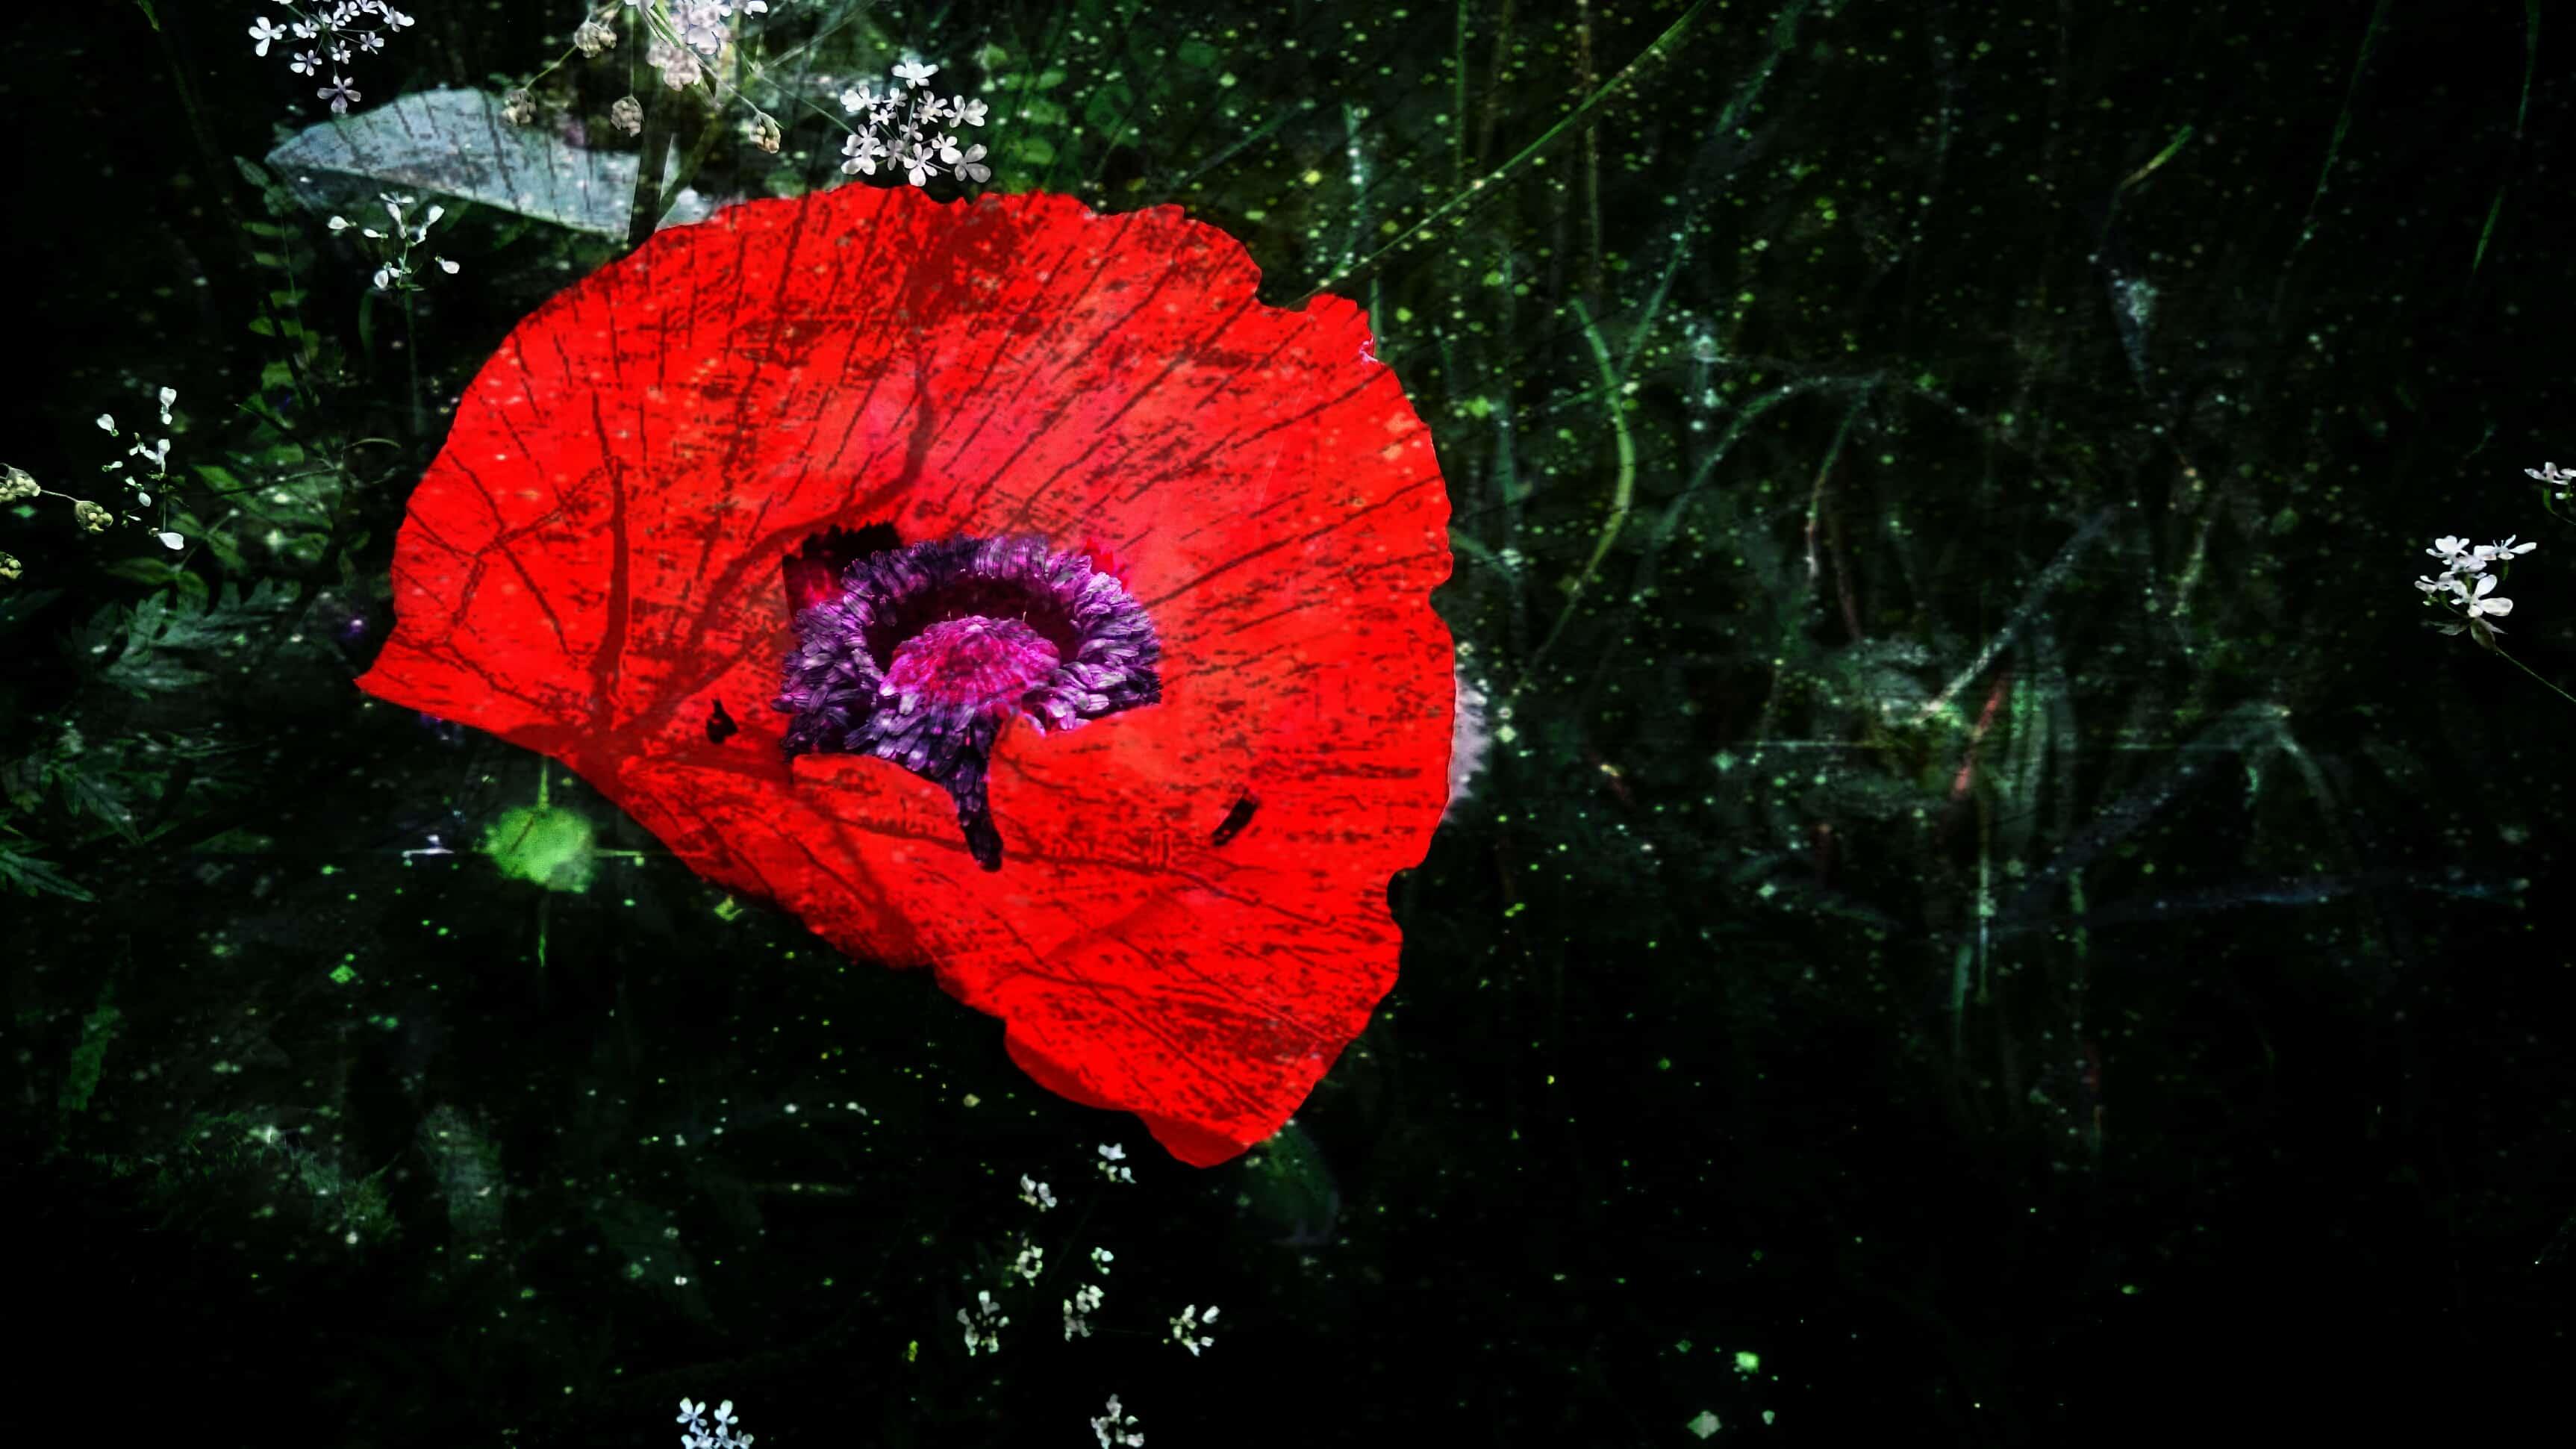 Shattered Poppy